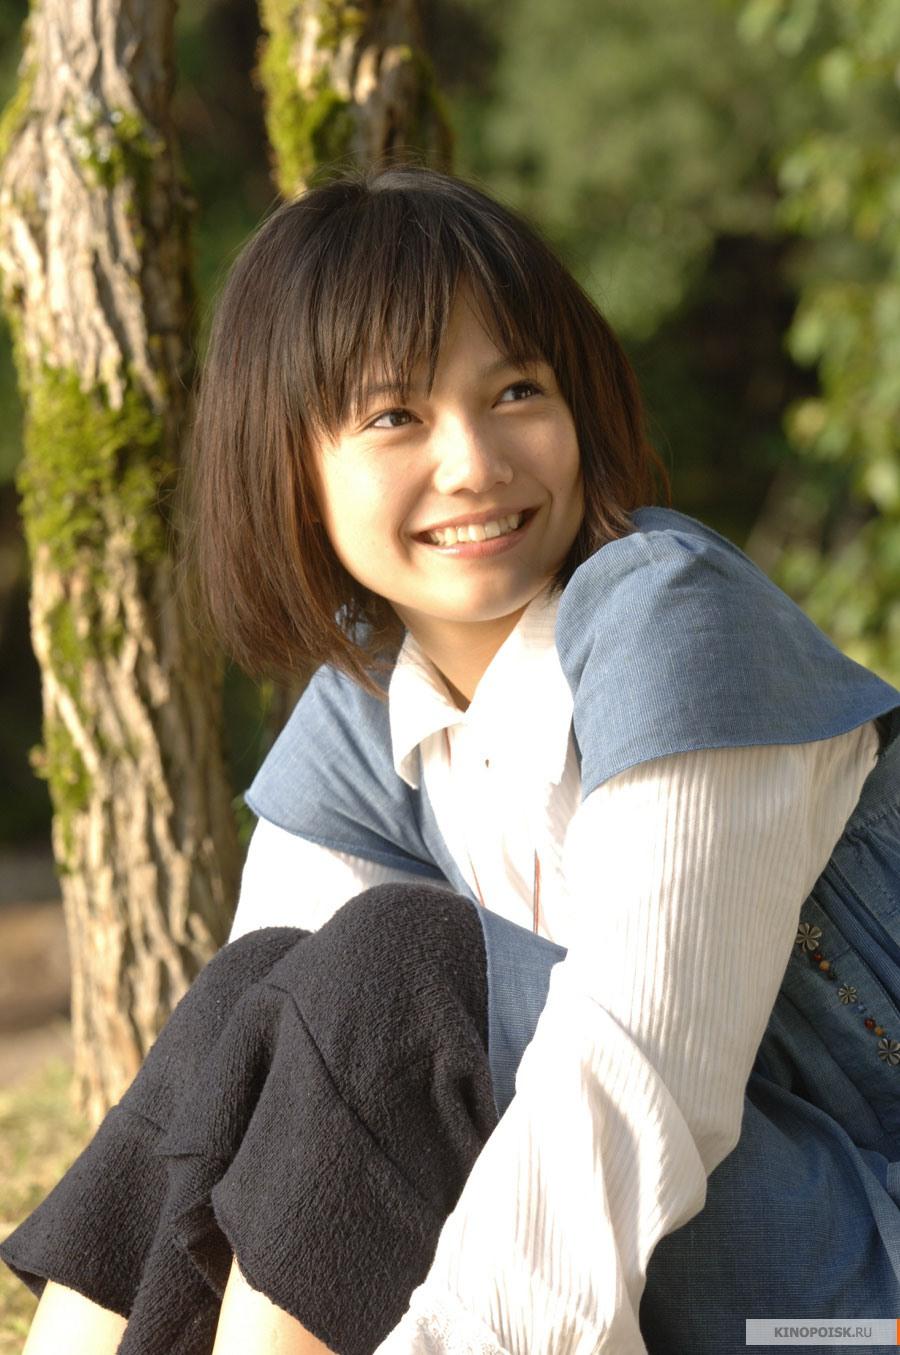 http://st-im.kinopoisk.ru/im/kadr/8/8/0/kinopoisk.ru-Tada_2C-kimi-wo-aishiteru-880253.jpg